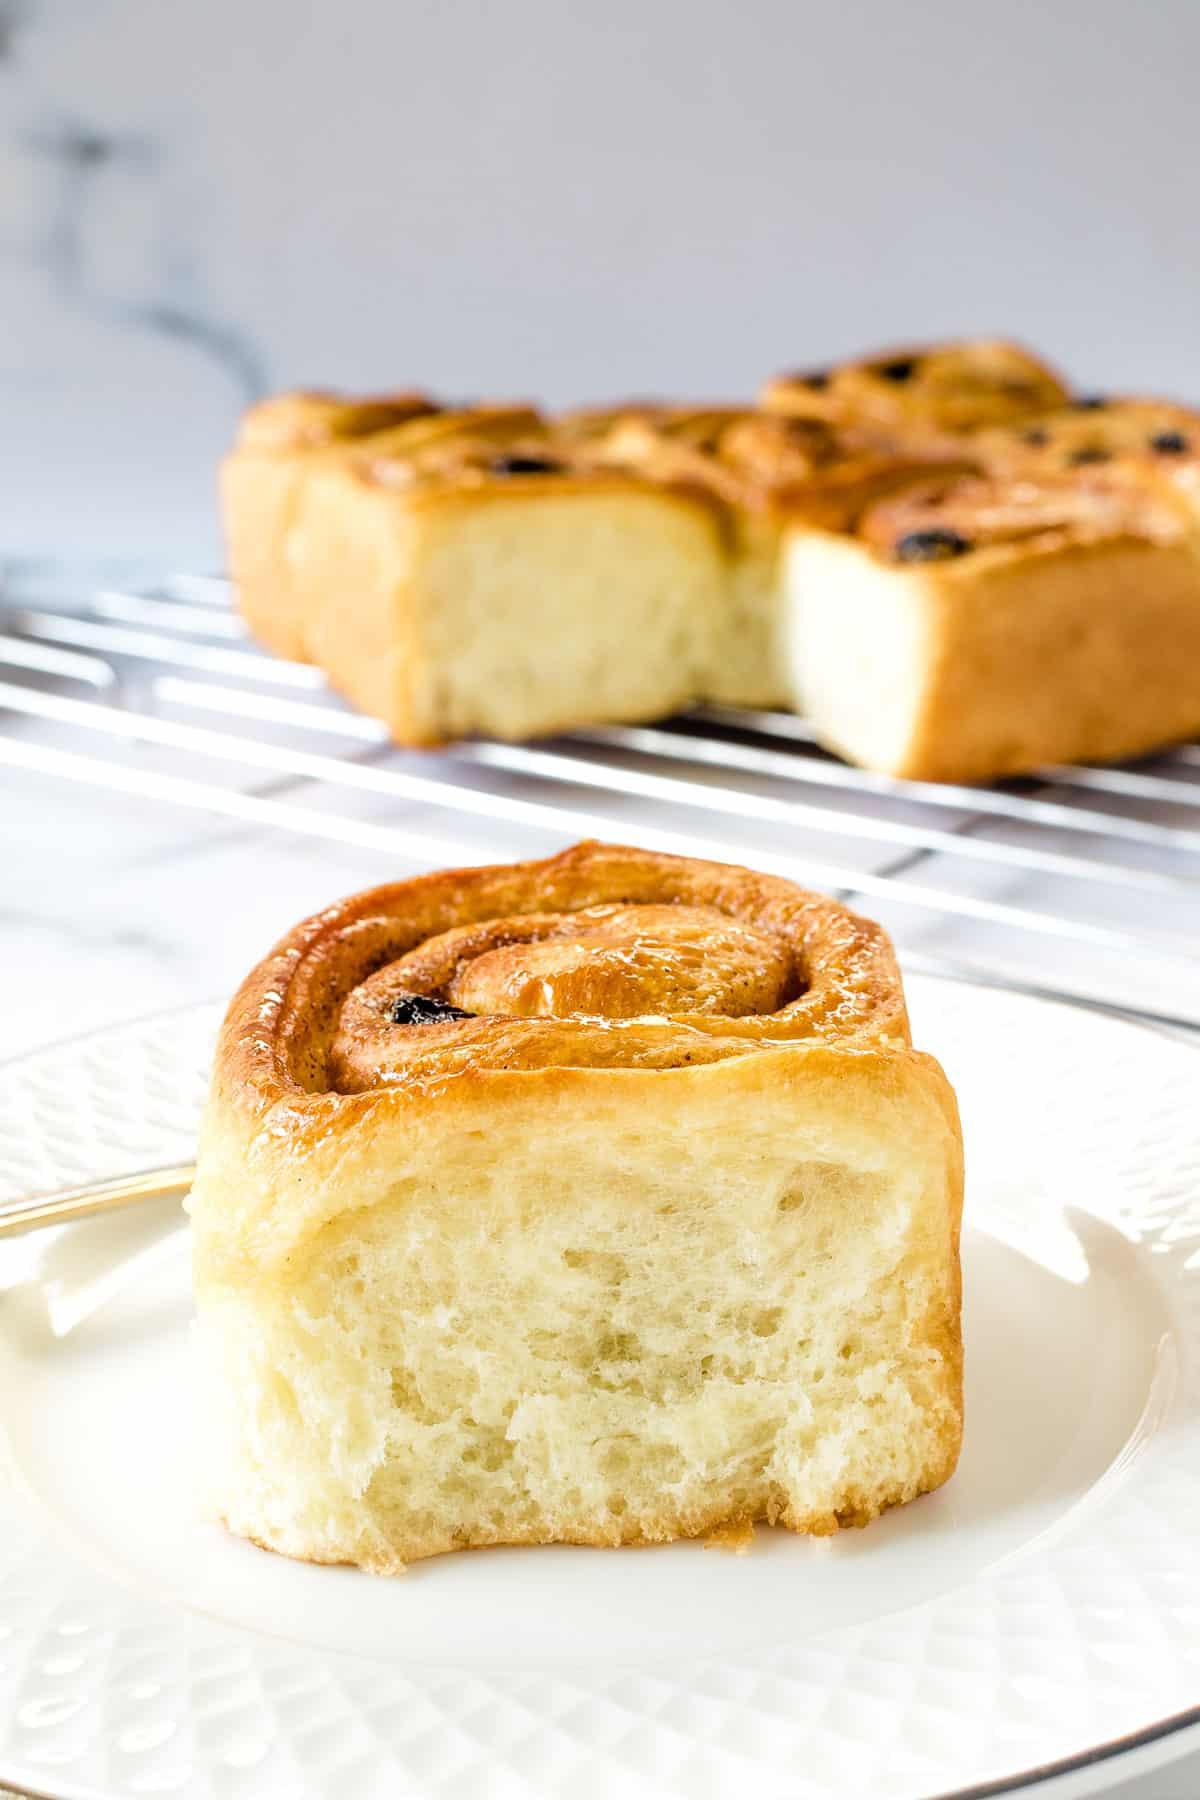 A cinnamon raisin roll on a white plate.